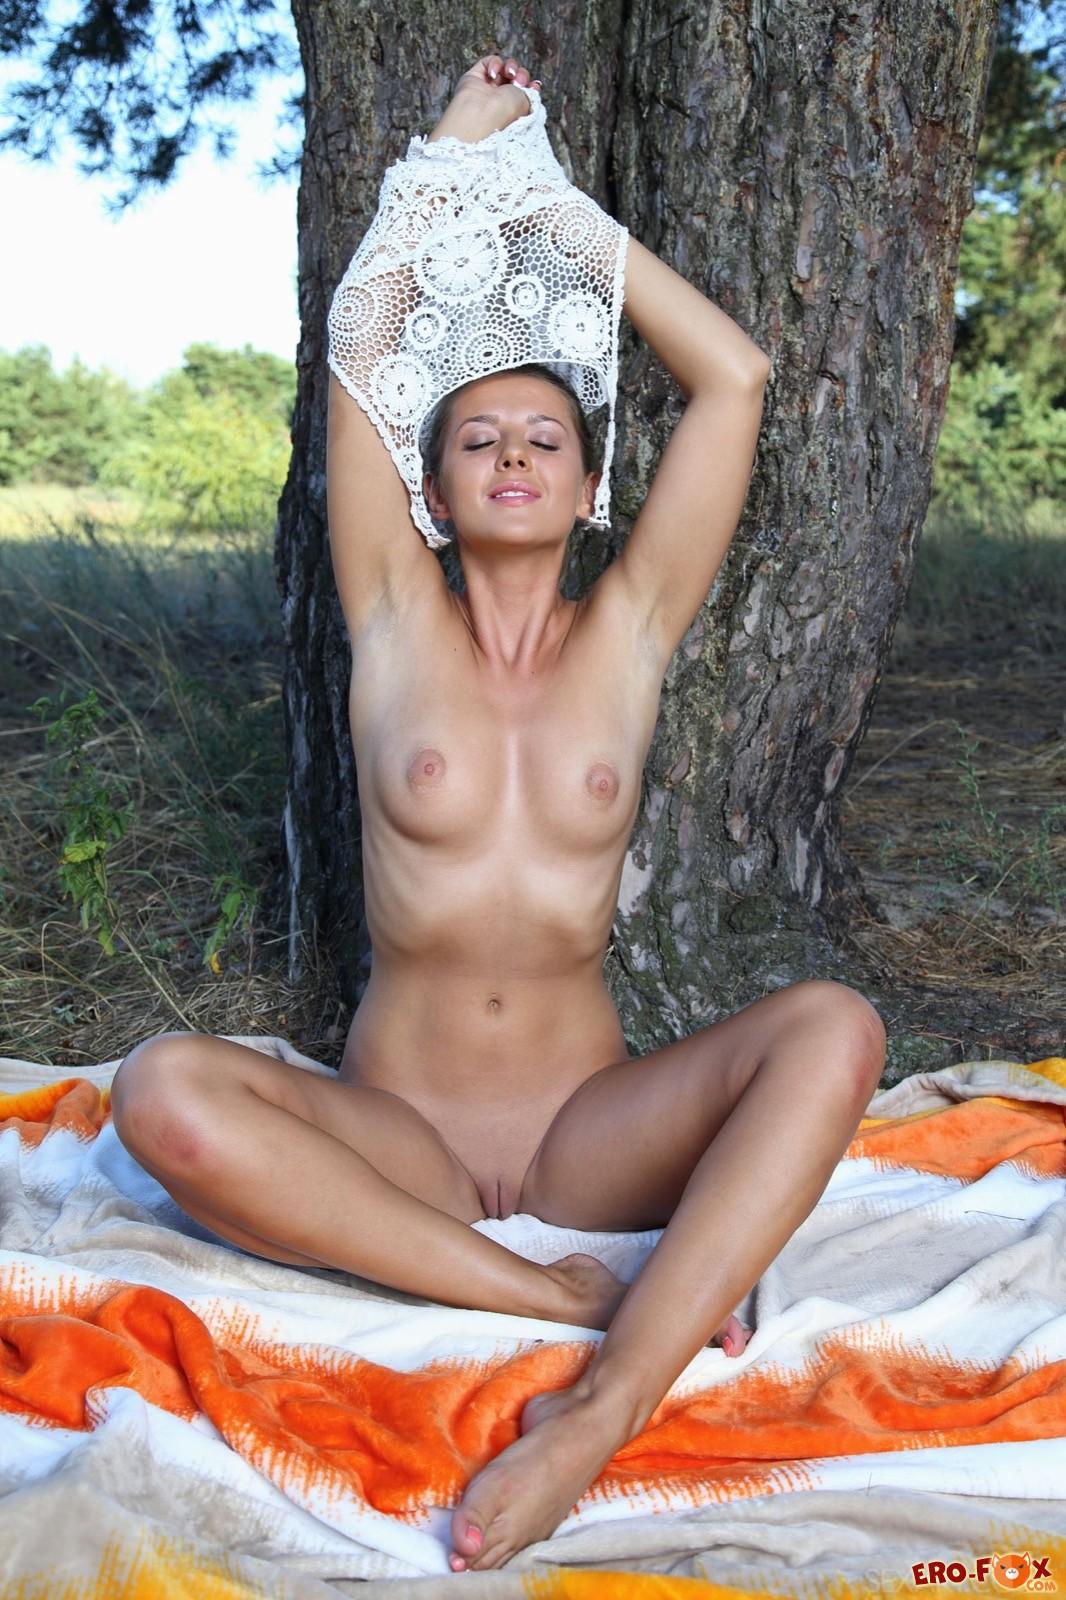 Красивая девушка снимает трусики и позирует в лесу